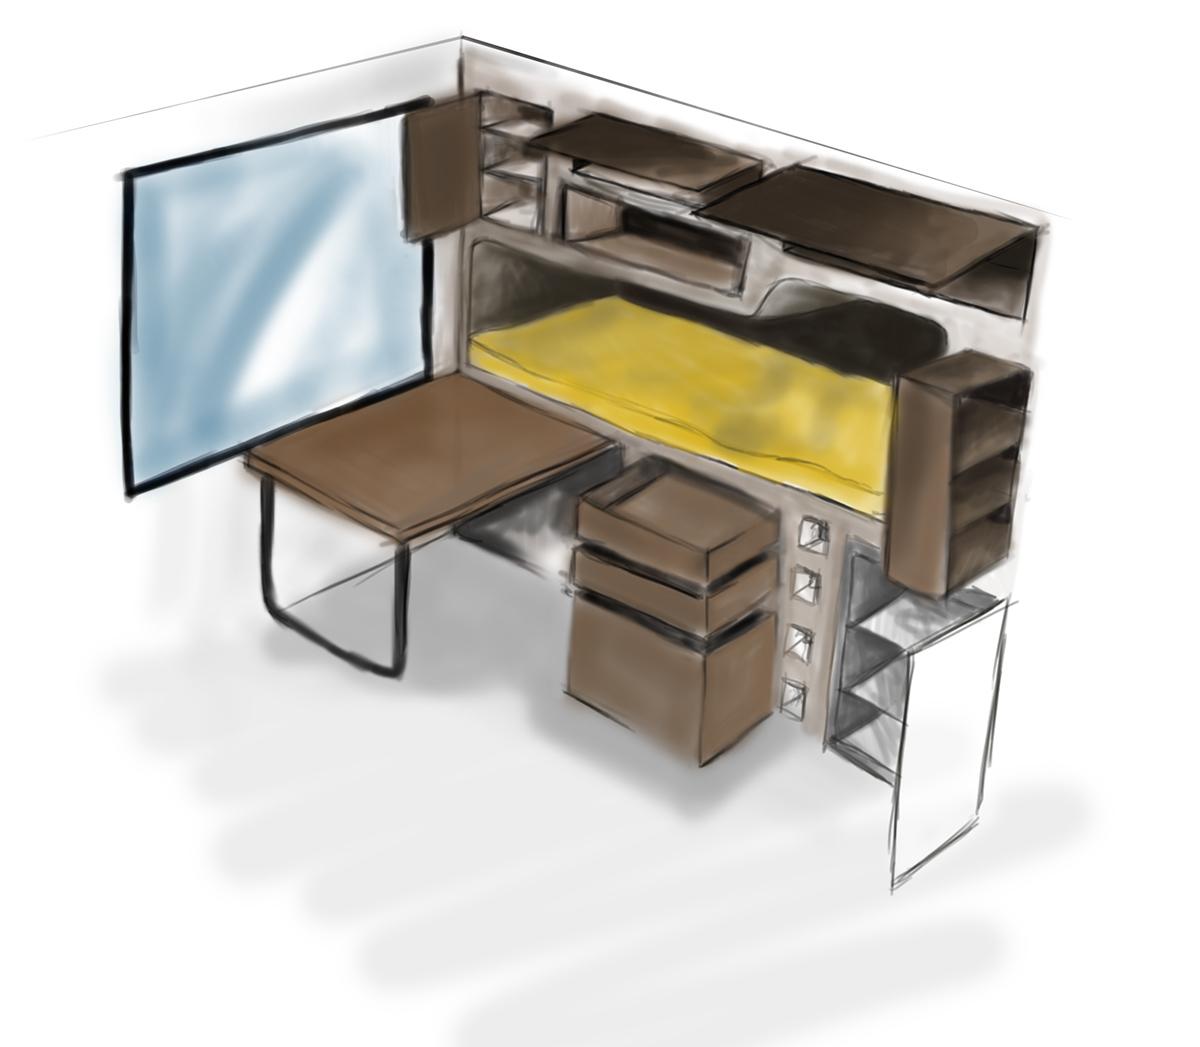 tablette graphique on behance. Black Bedroom Furniture Sets. Home Design Ideas